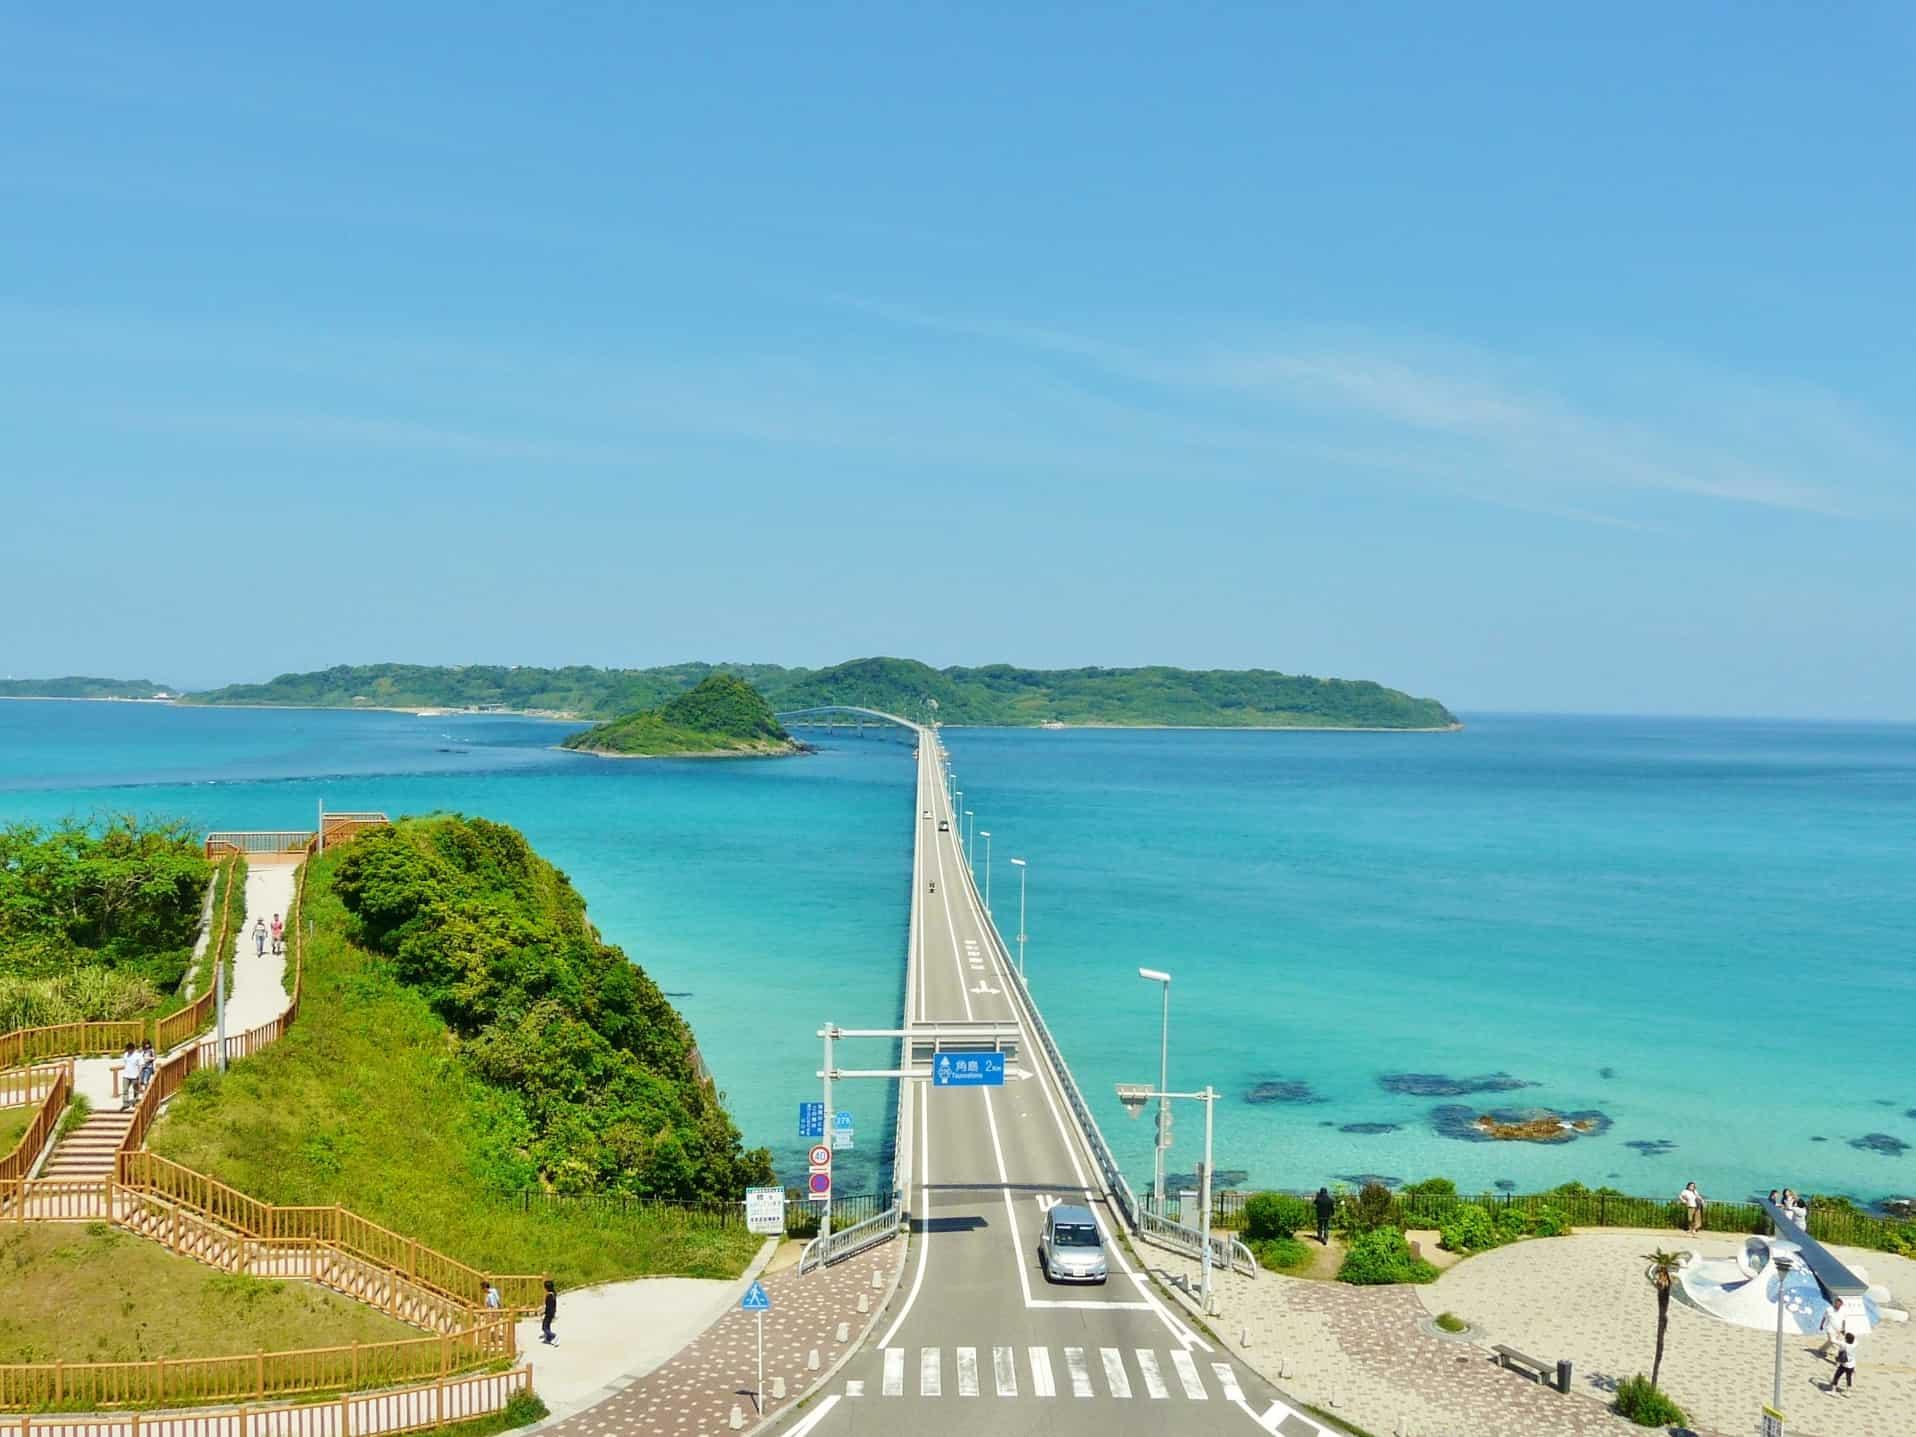 จุดถ่ายรูป ยามากุจิ (Yamaguchi) - สะพานซึโนชิมะ (Tsunoshima Bridge)